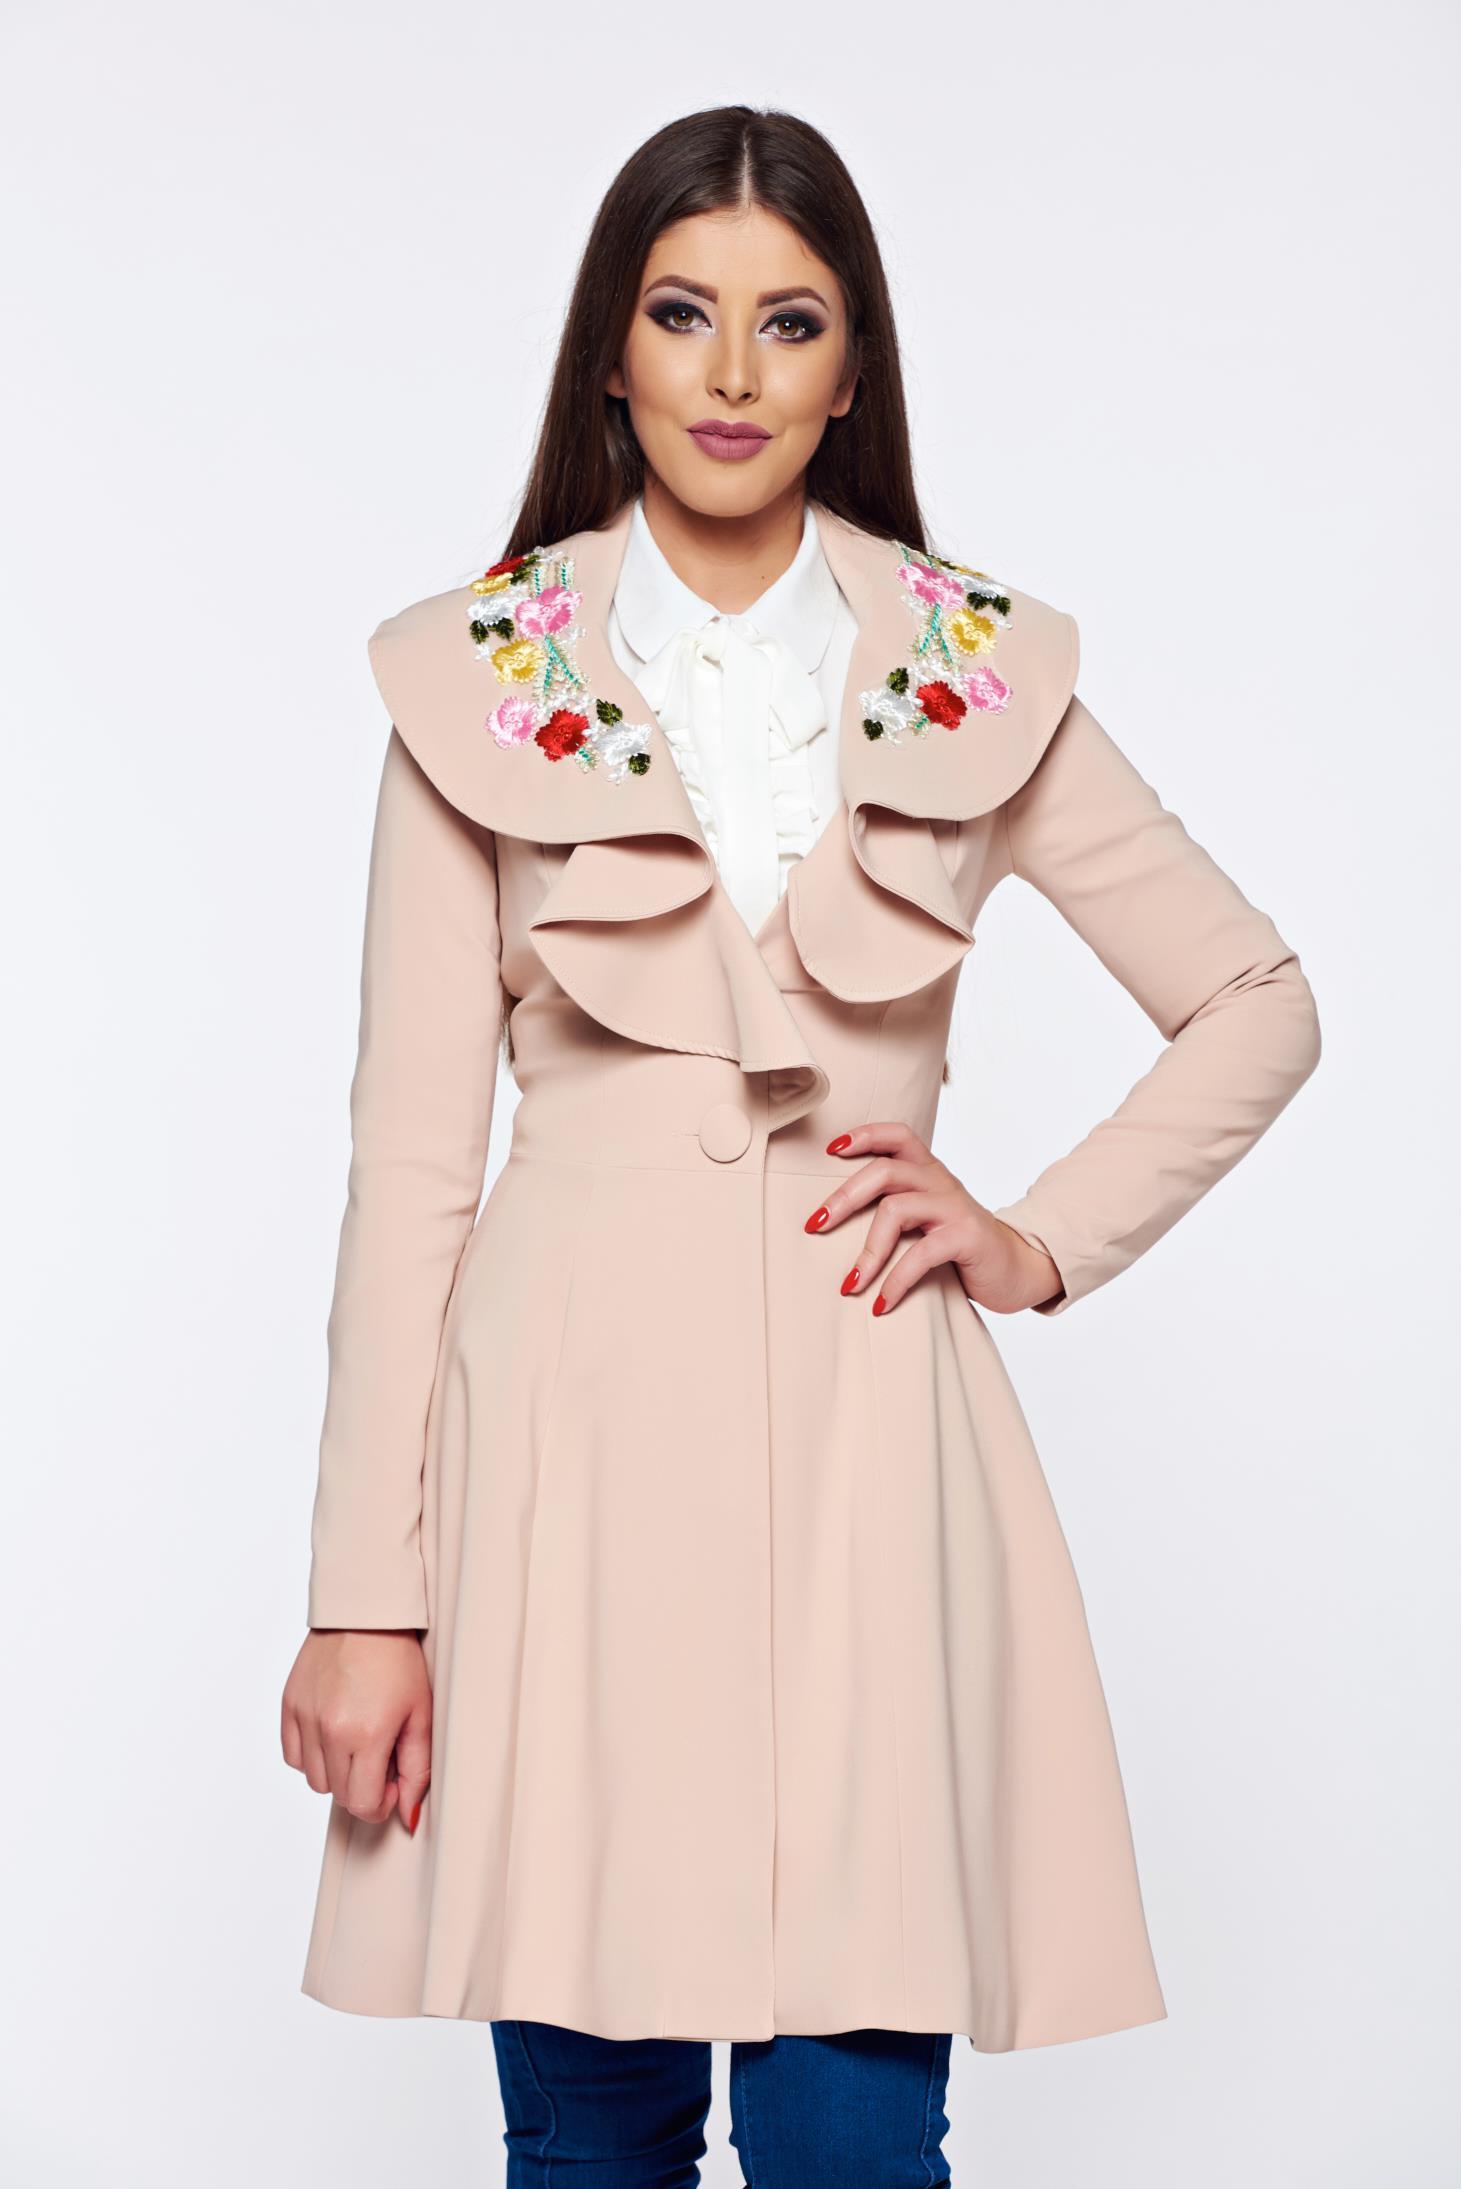 GlitterPinky Blogja: Tavaszi kabátok